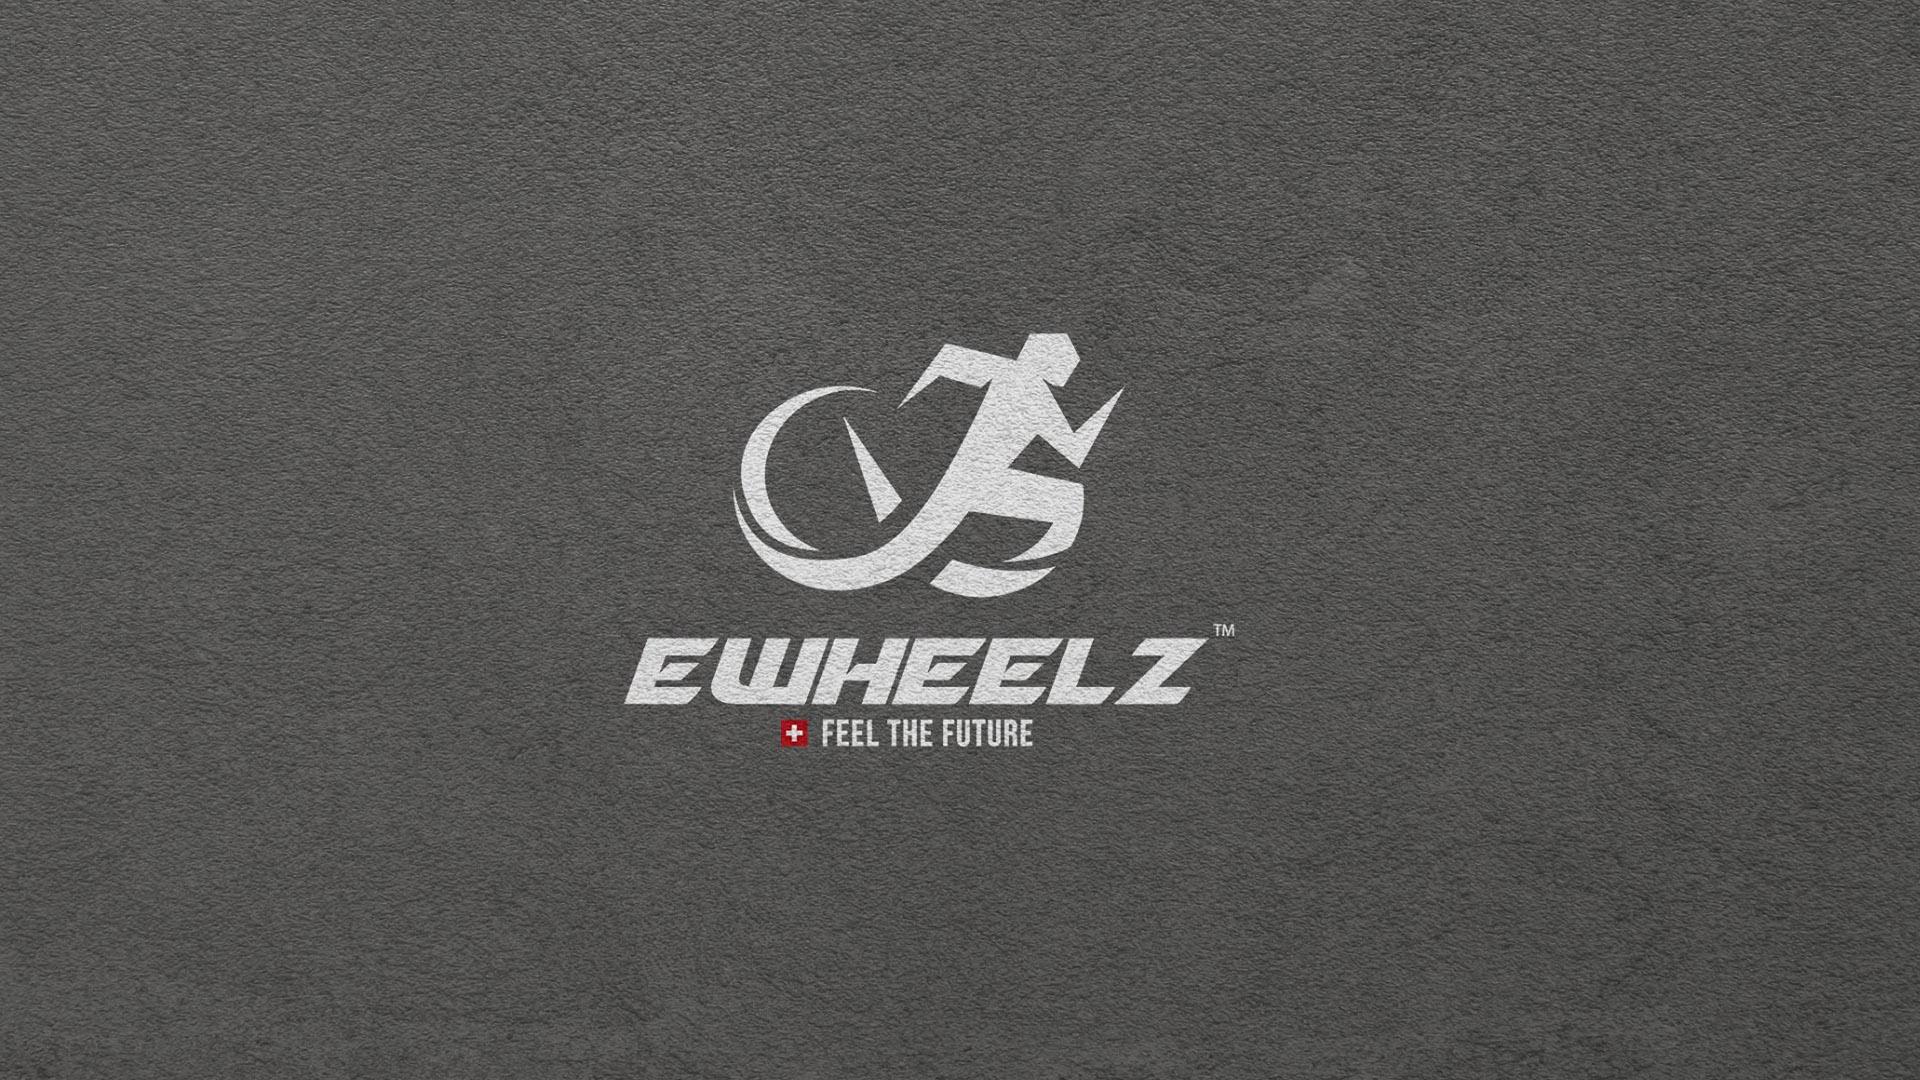 Ewheelz